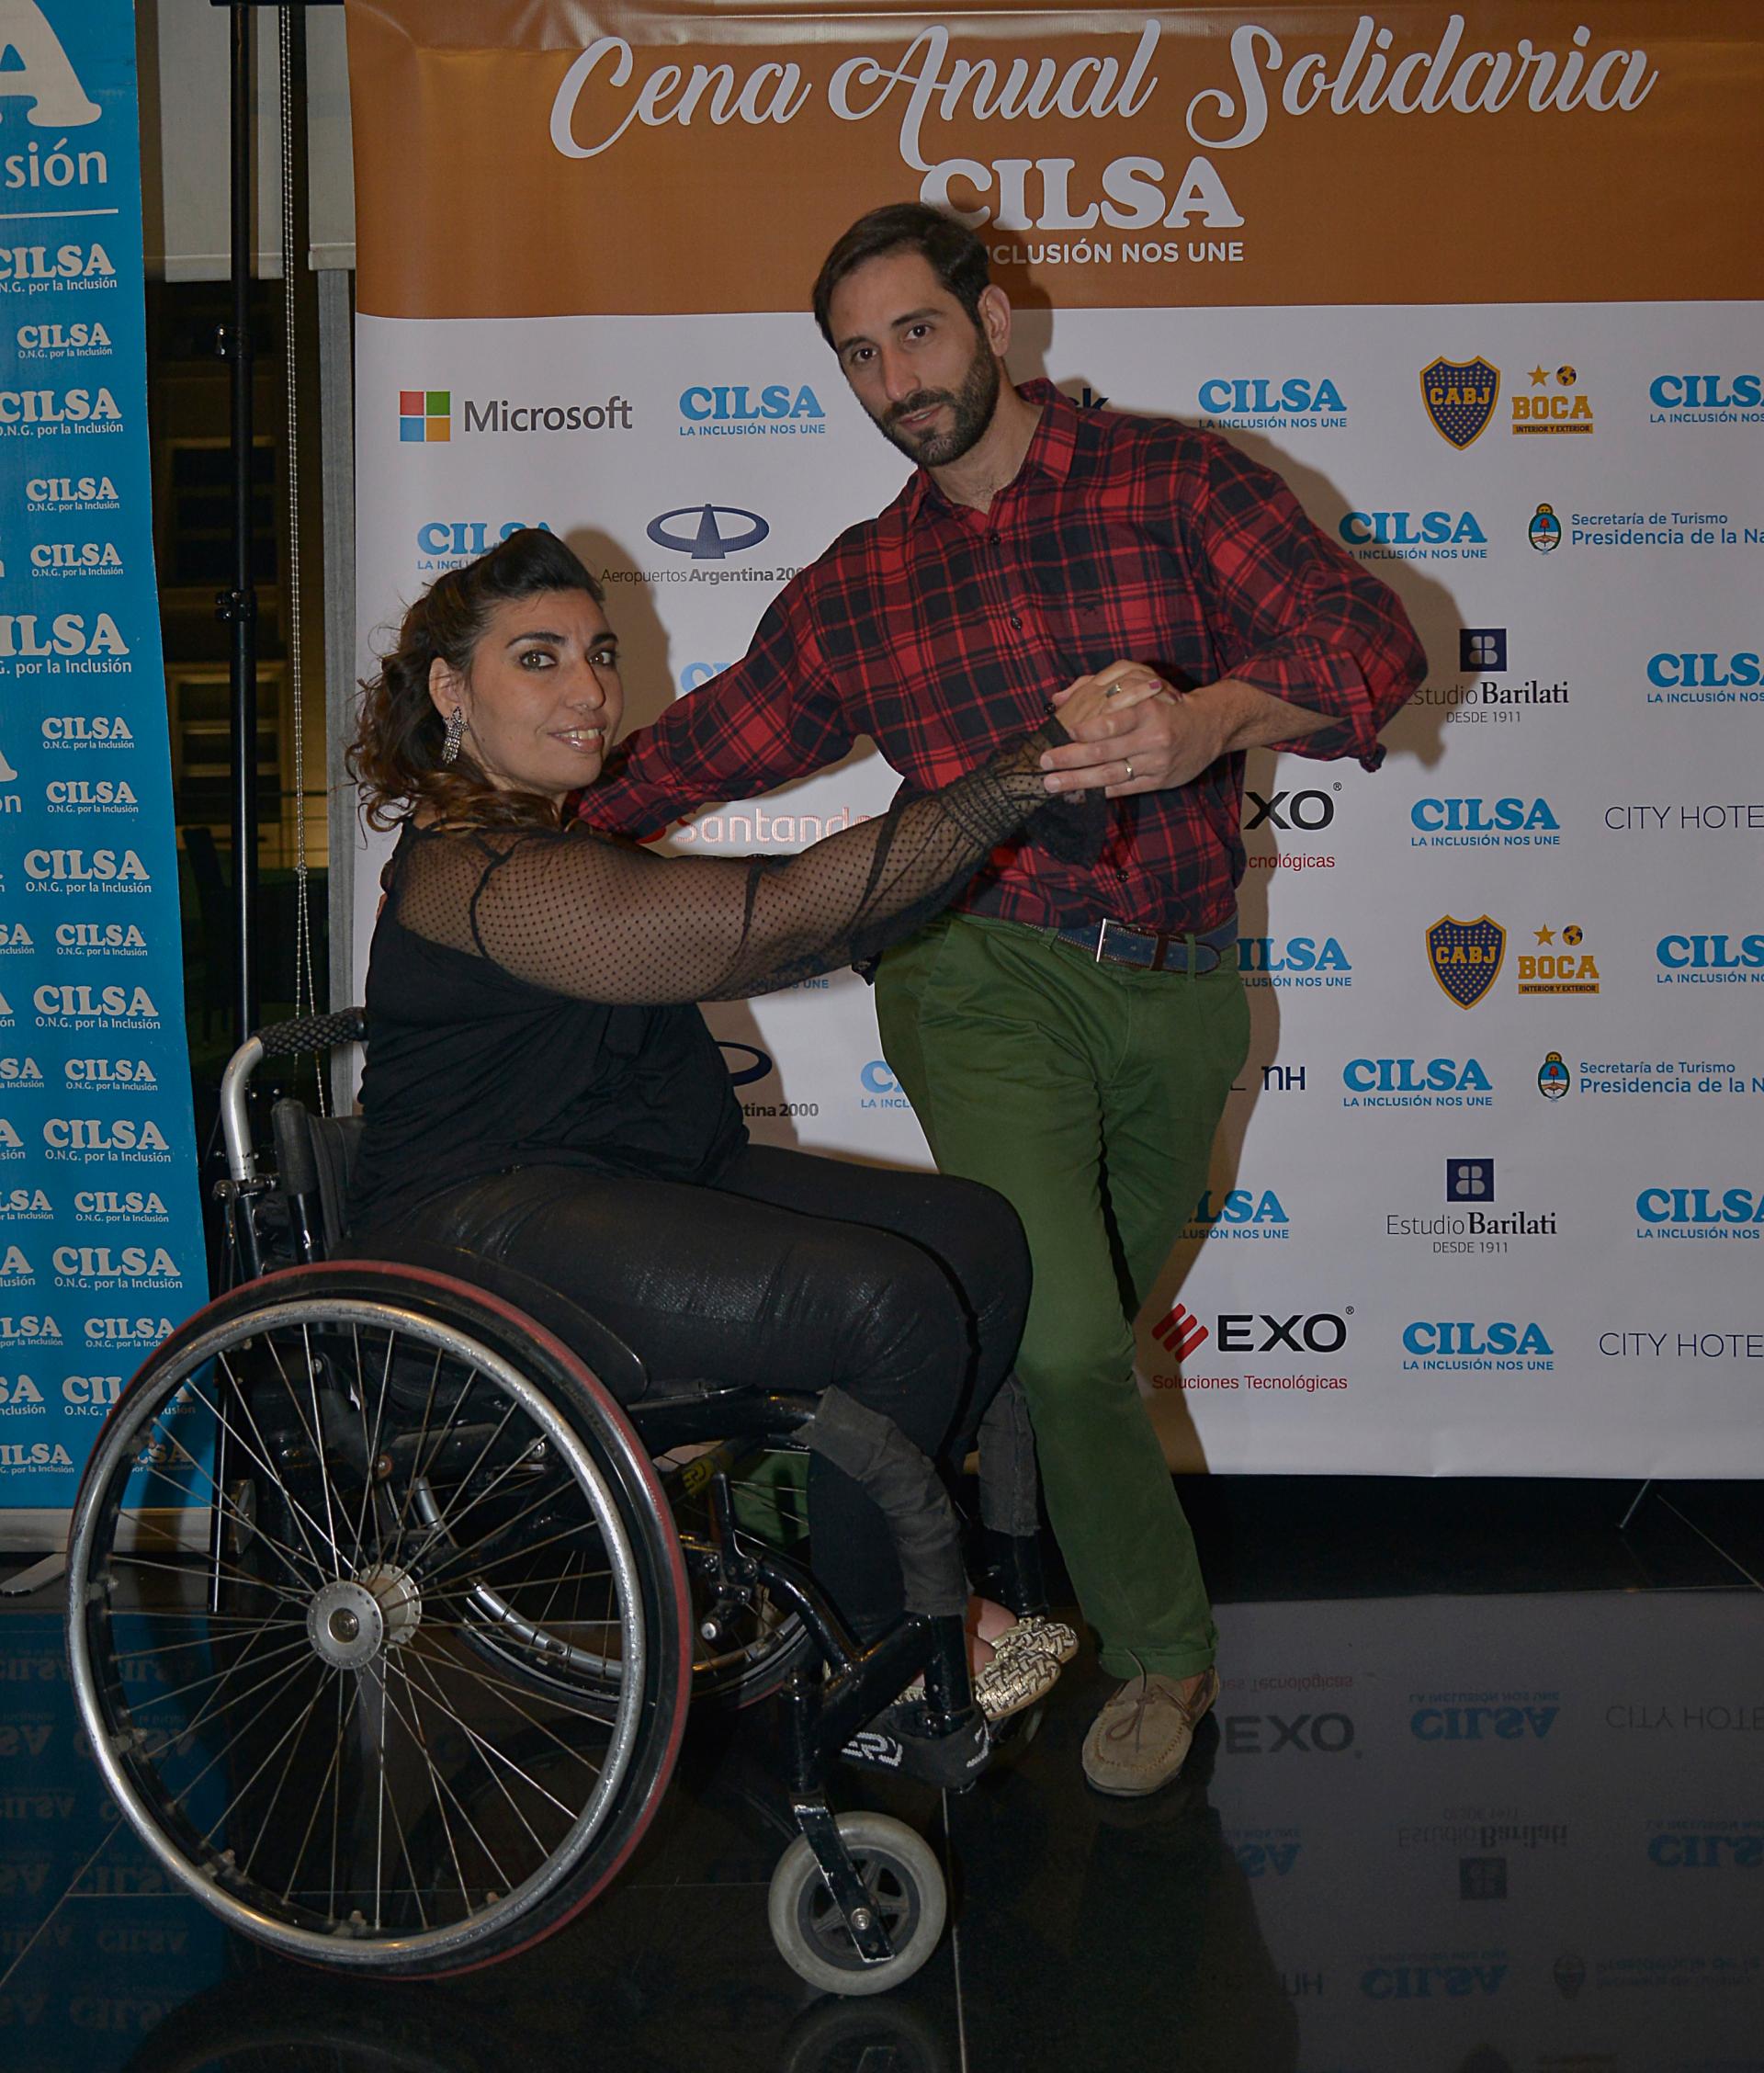 La organización no gubernamental CILSA, que trabaja por la inclusión por las personas con discapacidad desde hace 53 años, realizó la Primera Cena Solidaria Anual